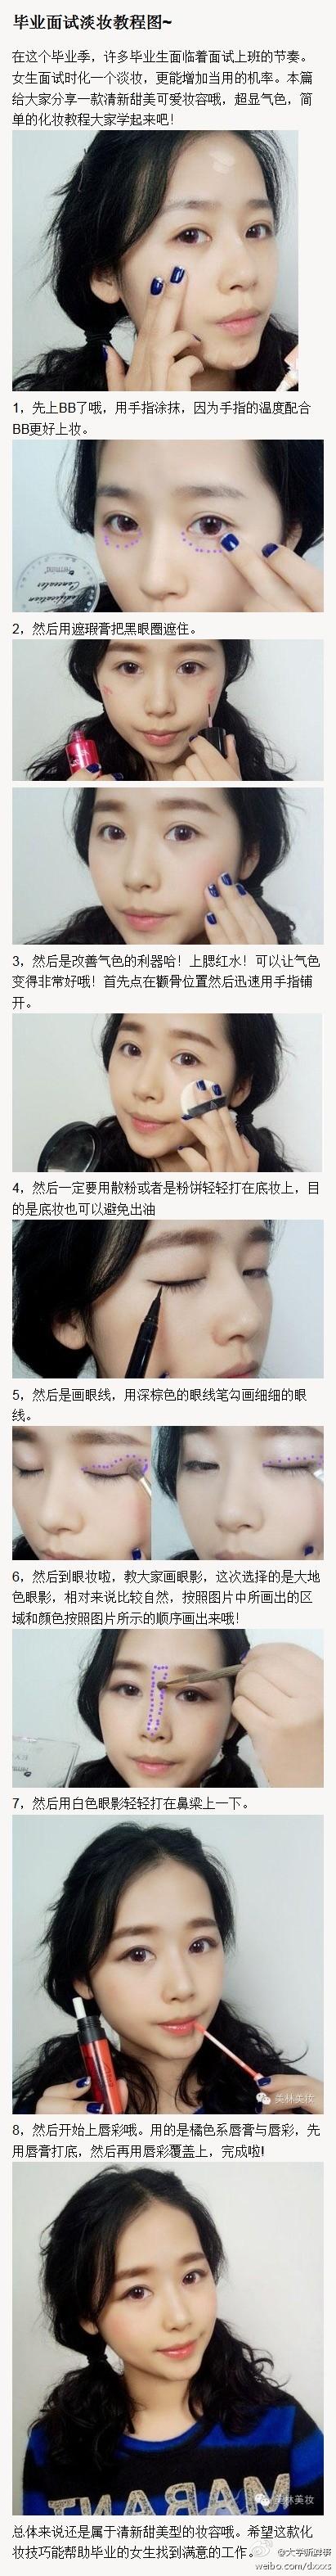 毕业面试化妆教程